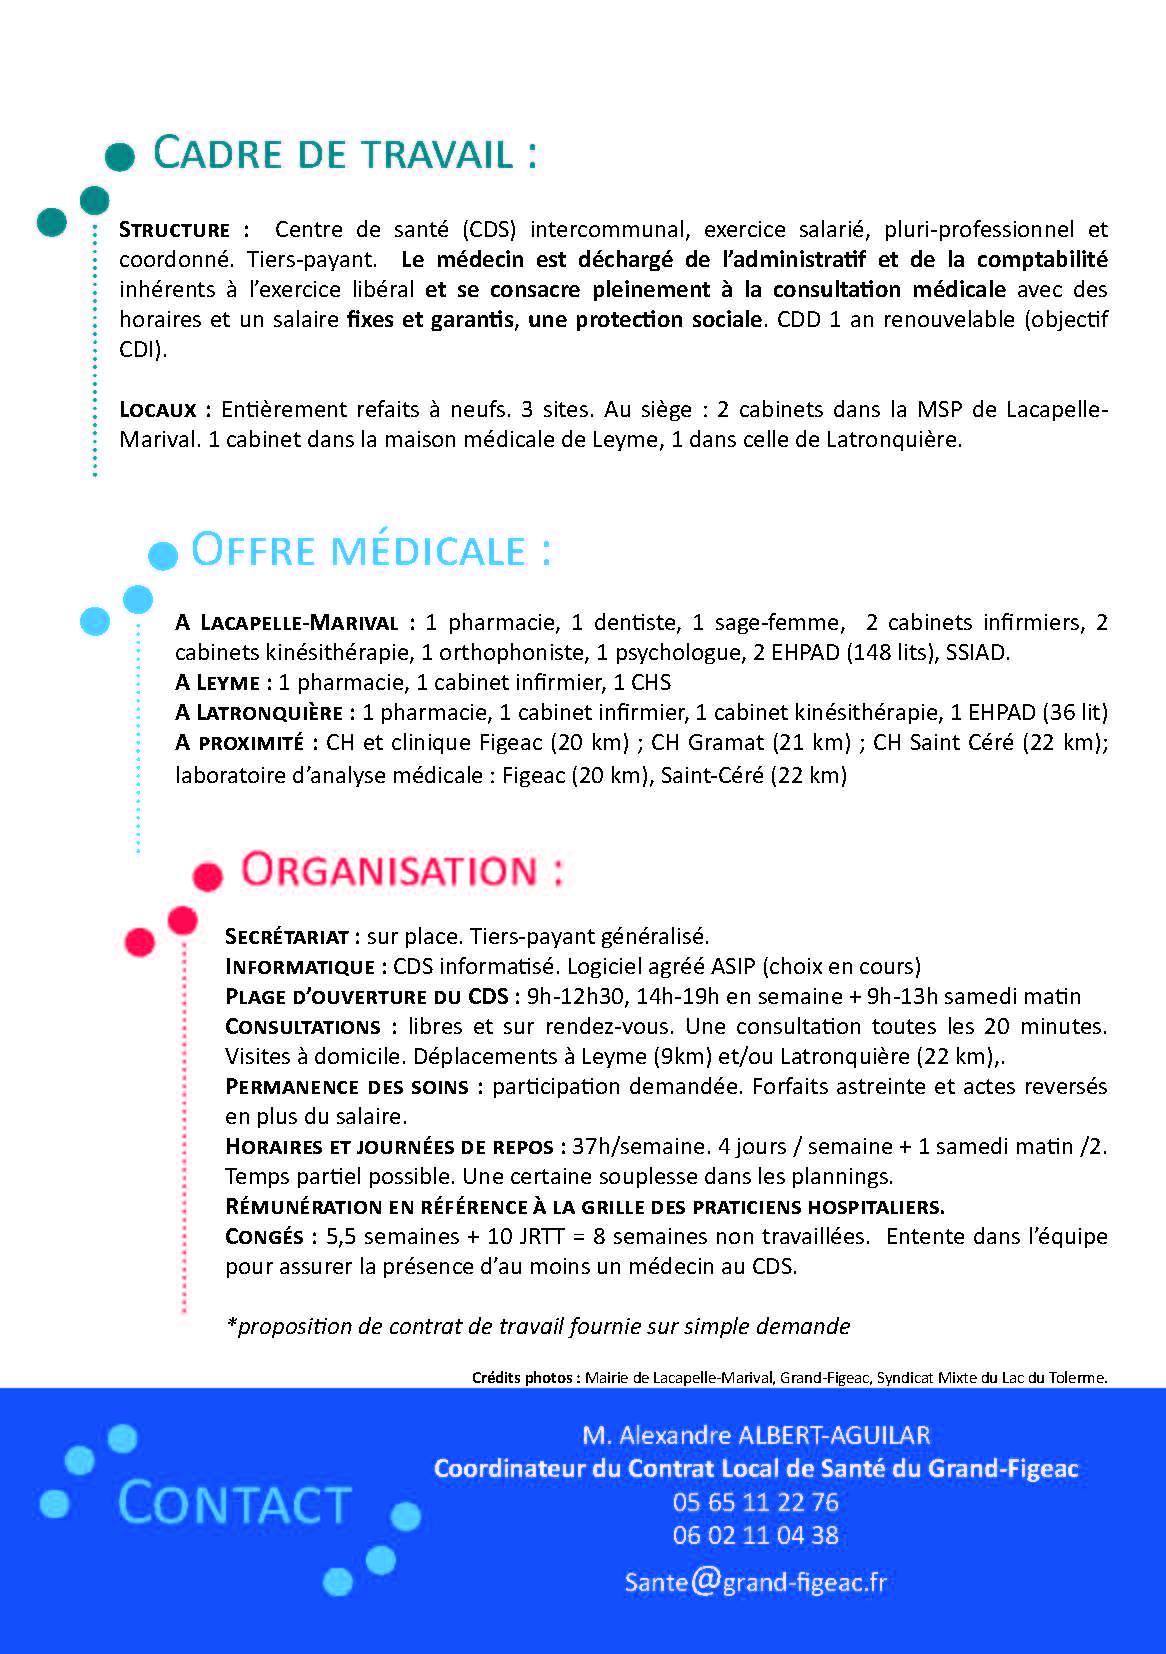 Centre De Santé Intercommunal Contrat Local De Santé Du Grand Figeac